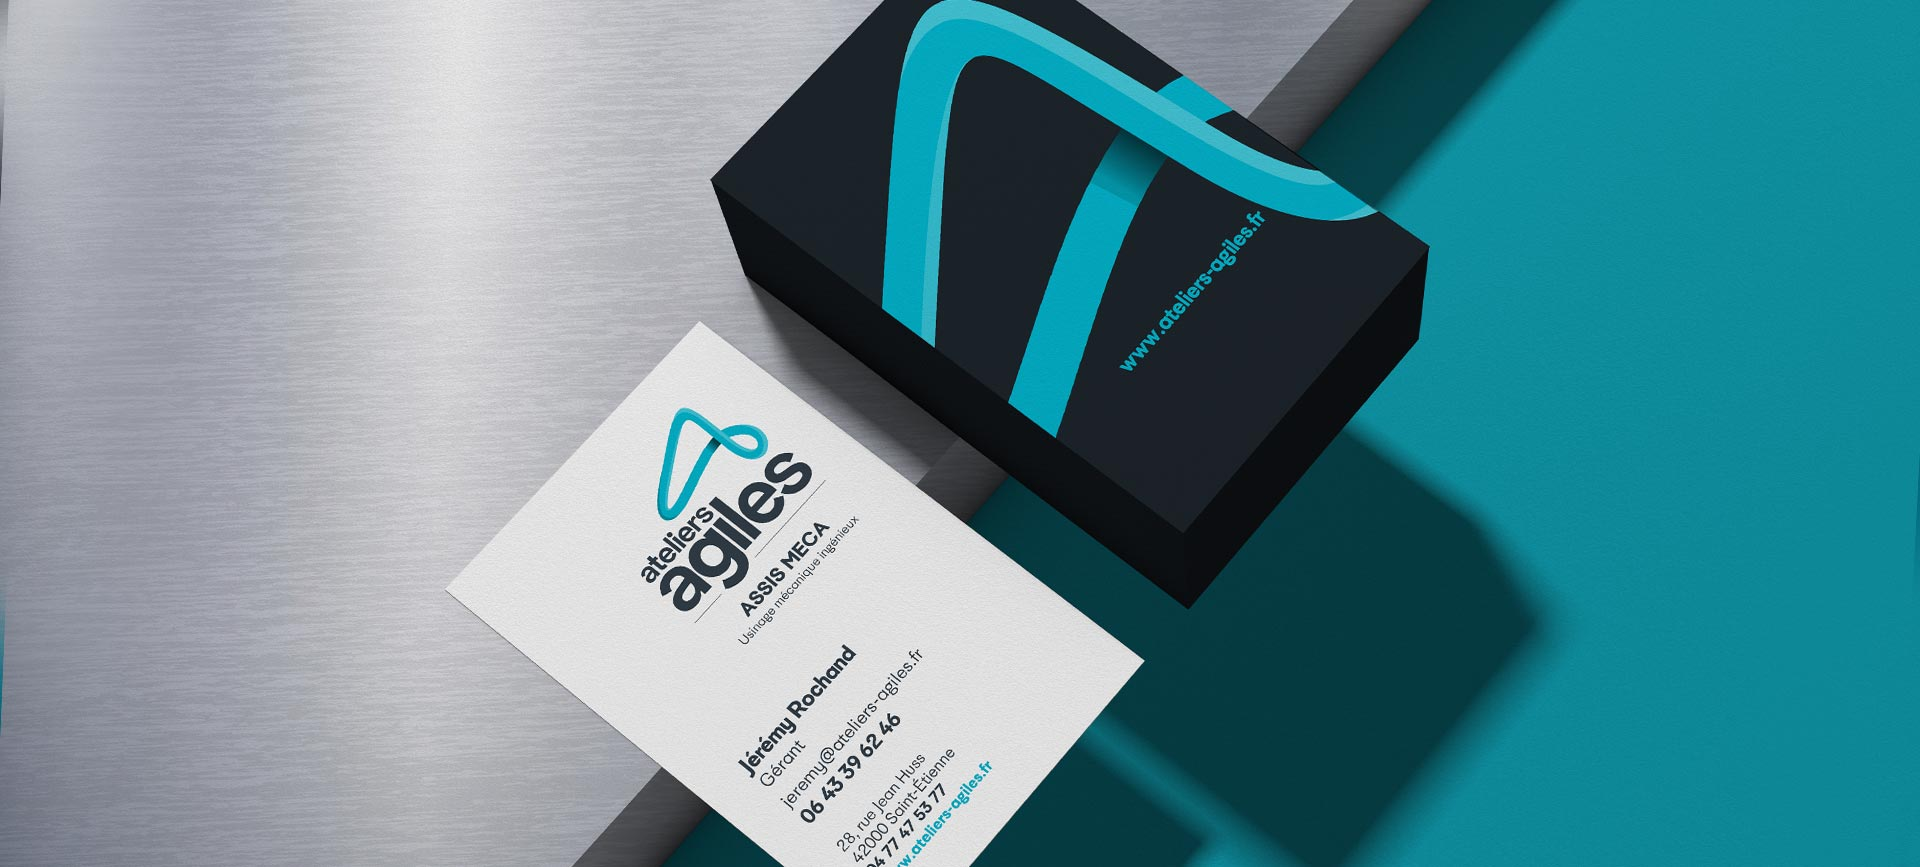 Bandeau cartes de visite Ateliers Agiles conçues pour leur branding